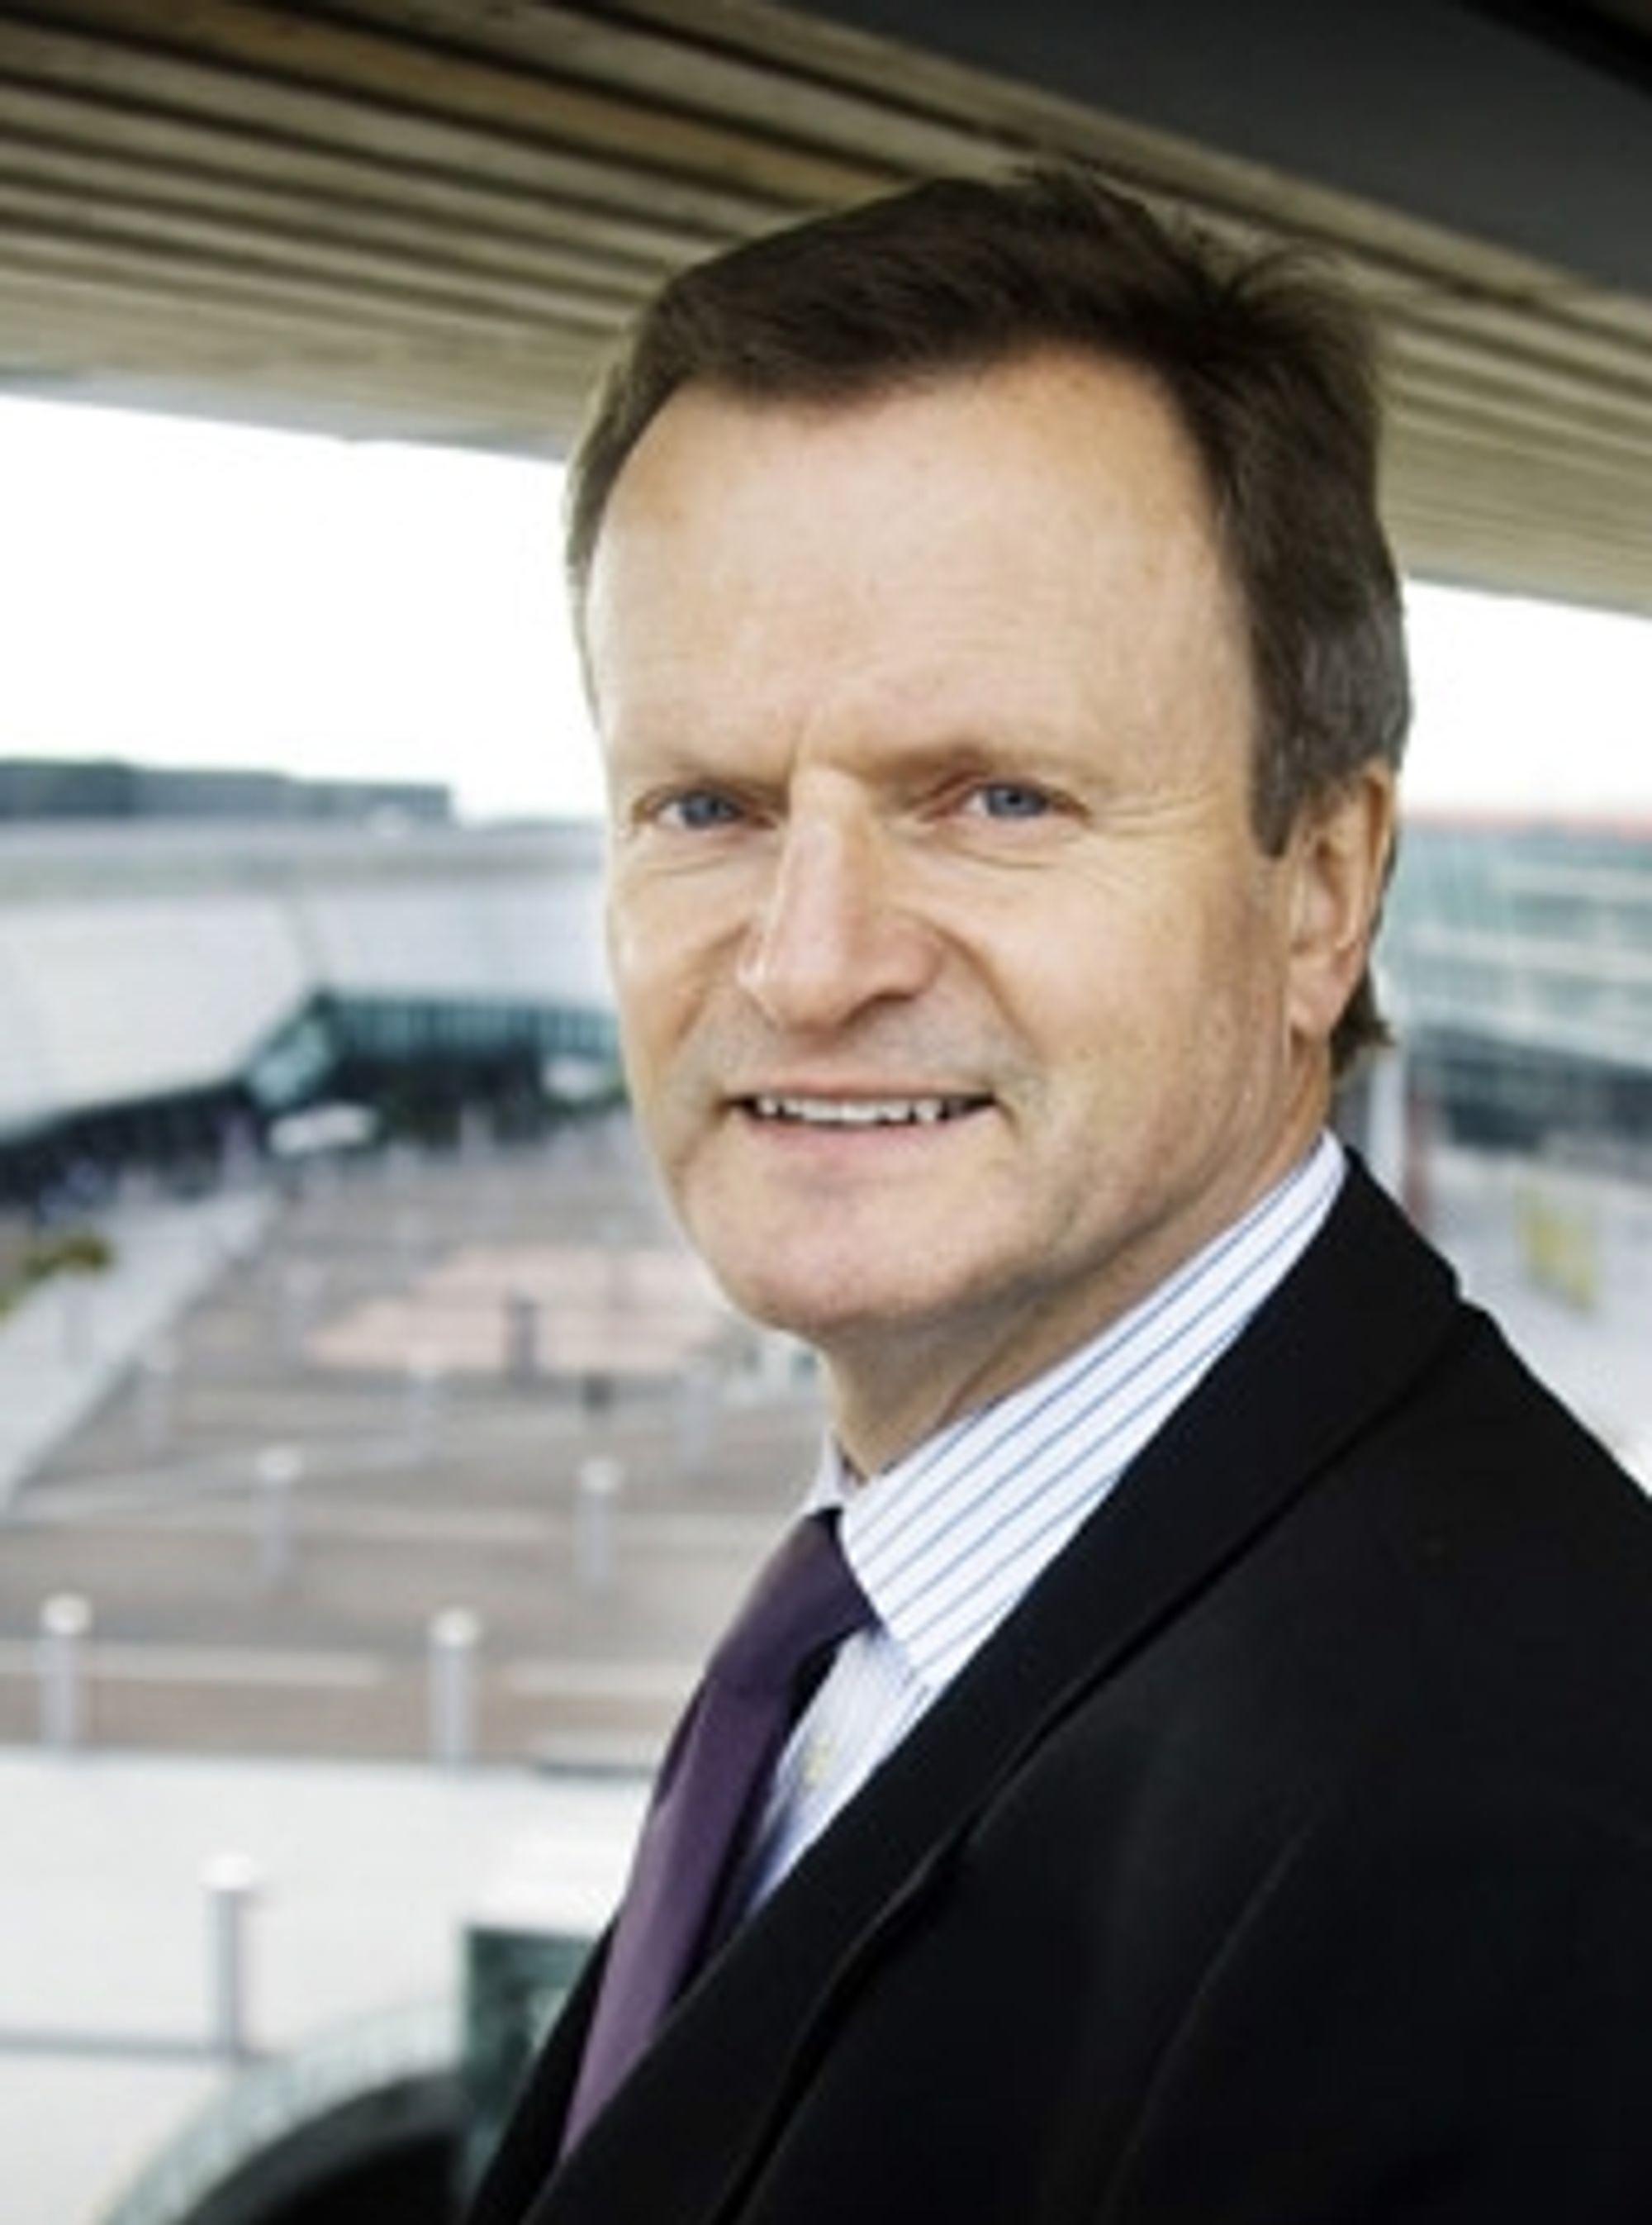 Jon Fredrik Baksaas varsler om besparinger i Norge.